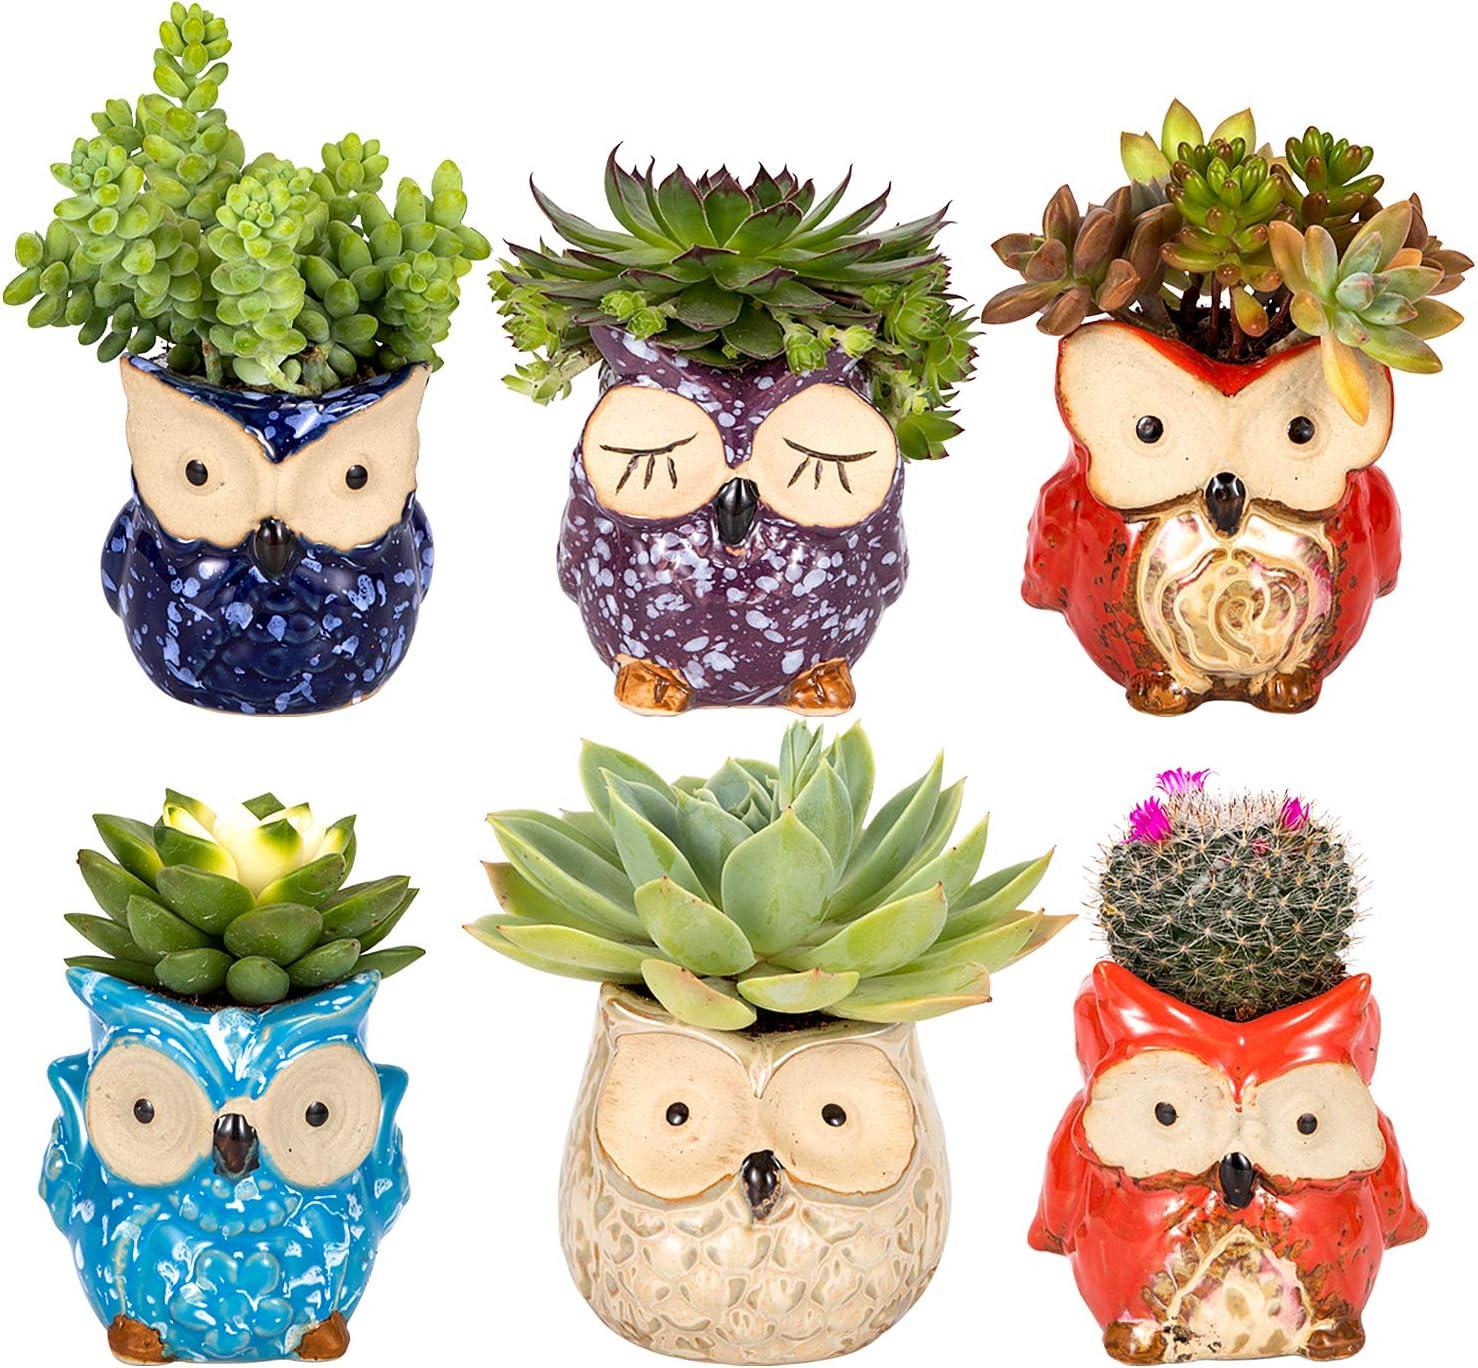 Owl Succulent Pot Ceramic Cute Animal Plant Planters Flowing Glaze Base Serial Set Succulent Plant Pot Cactus Plant Pot Flower Pot Container Planter Bonsai Pots with A Hole Perfect Gift Idea 6pcs